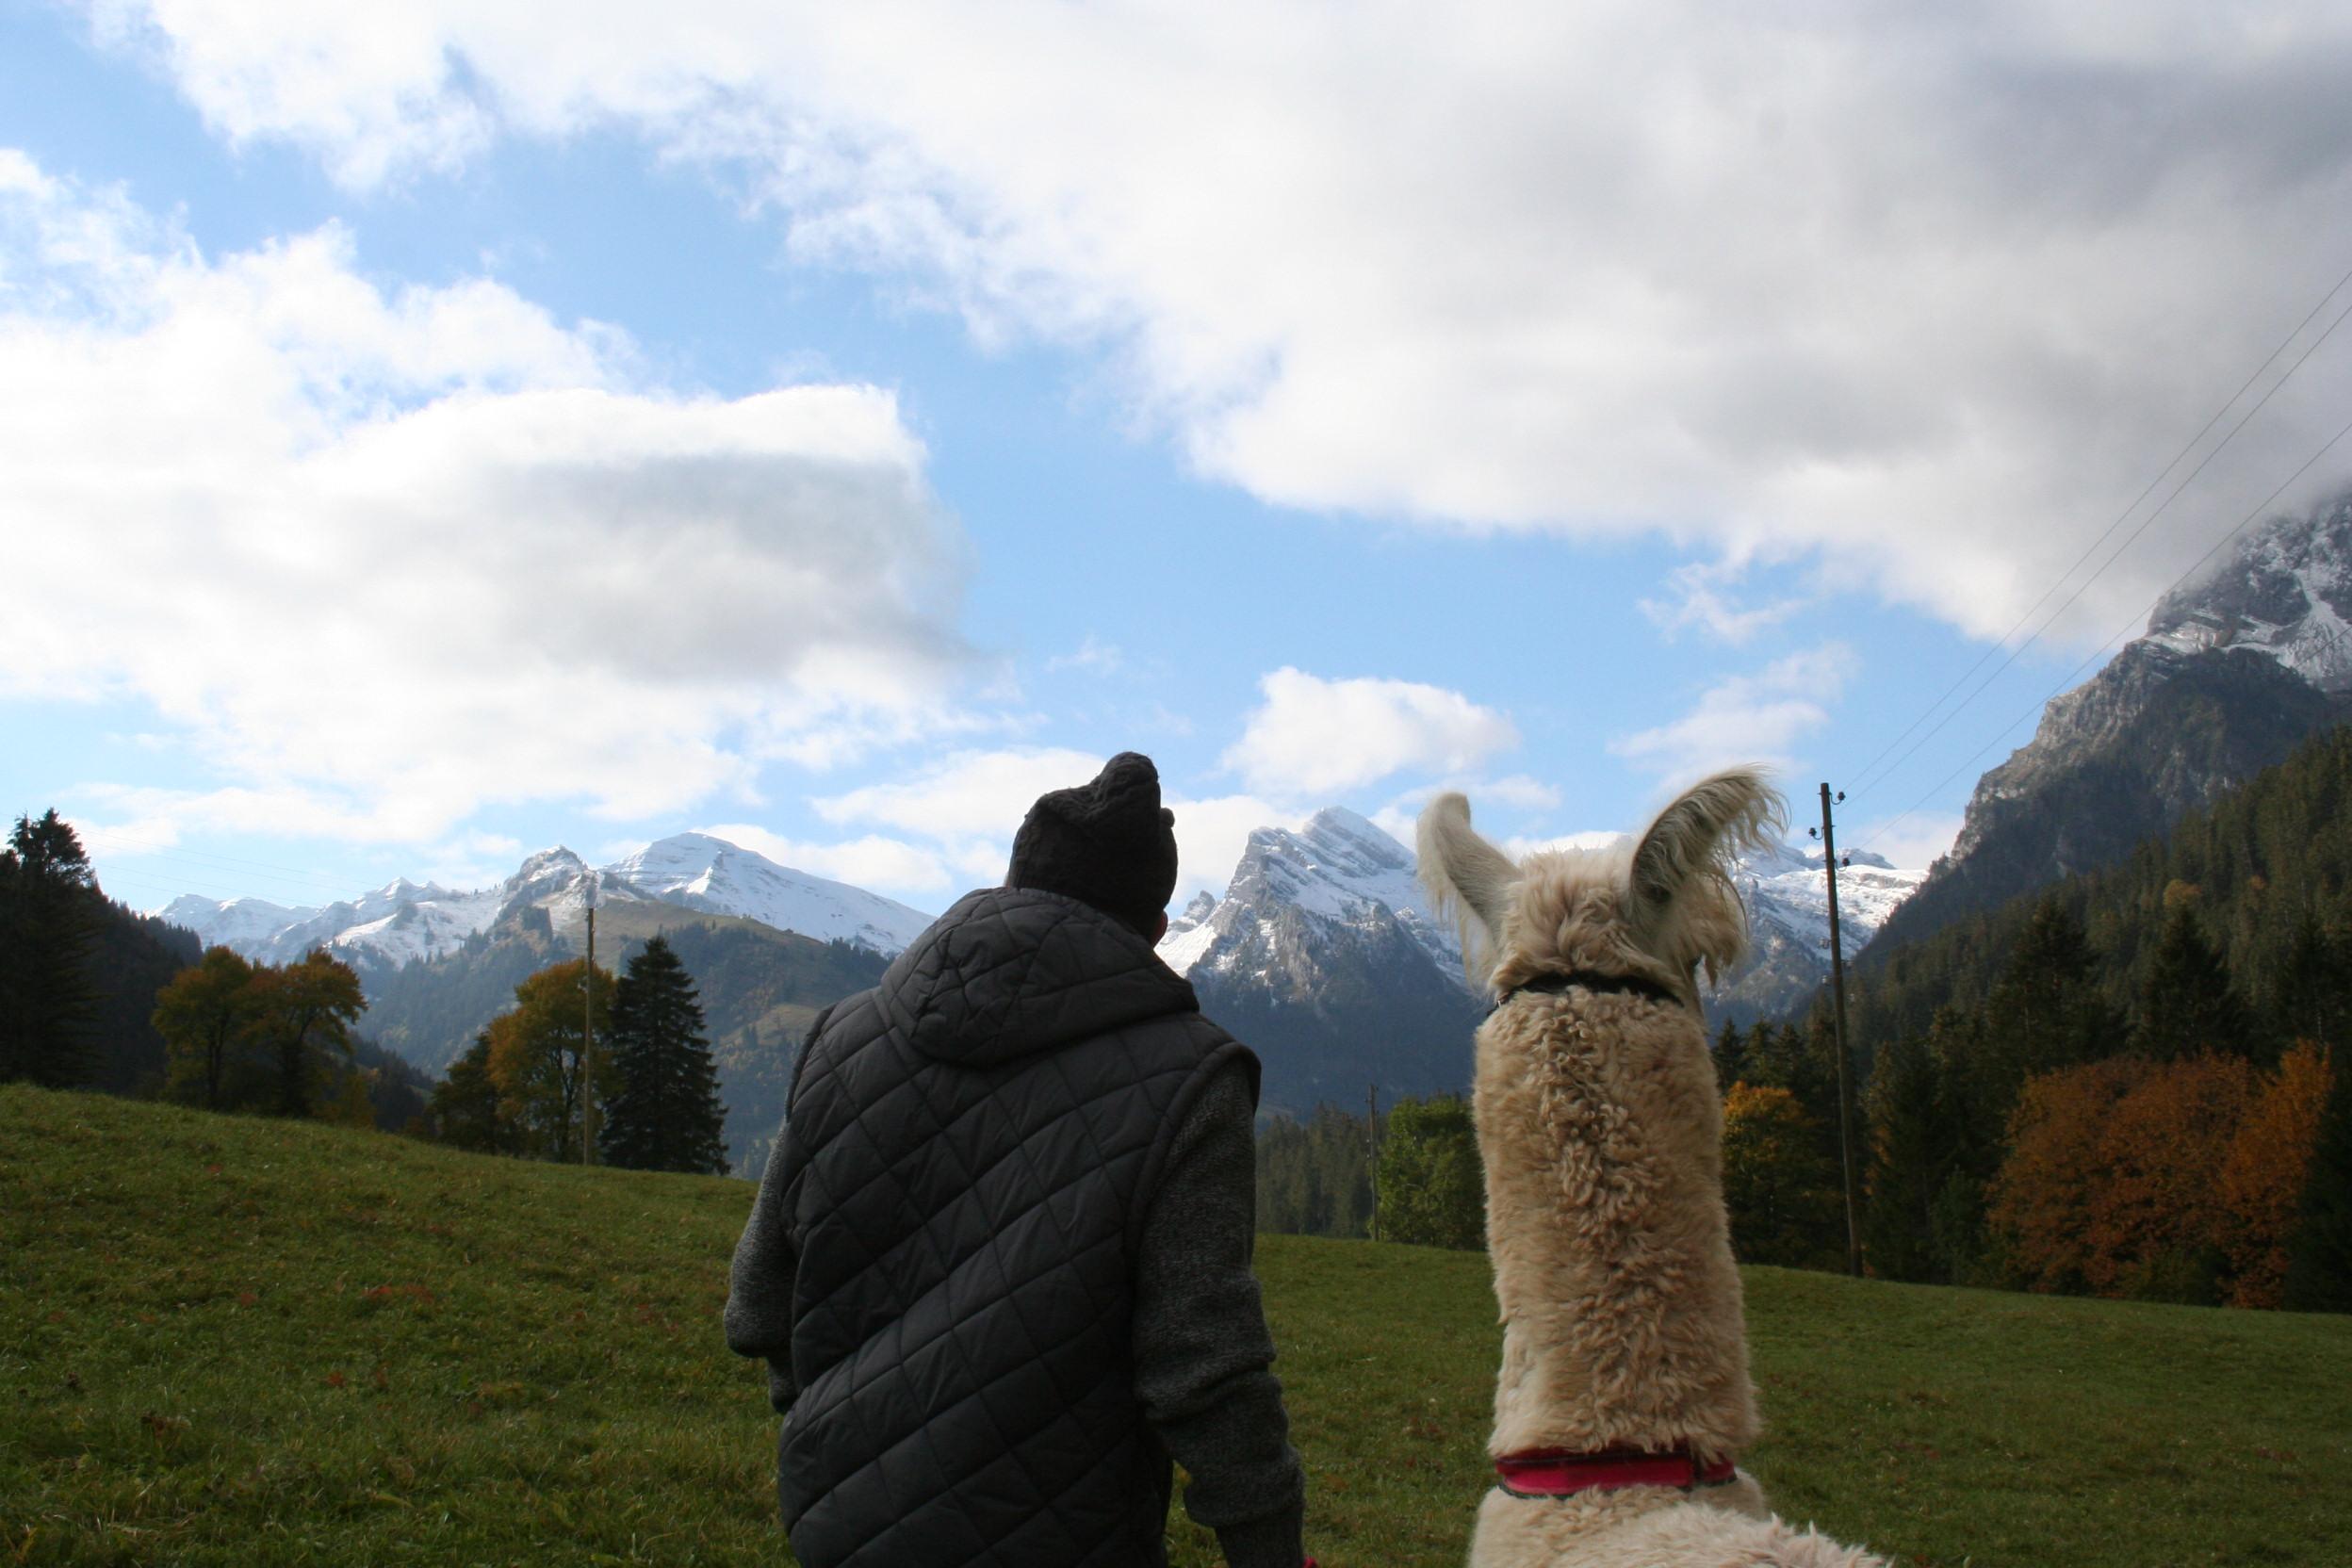 Auch die Lamas geniessen die schöne Aussicht